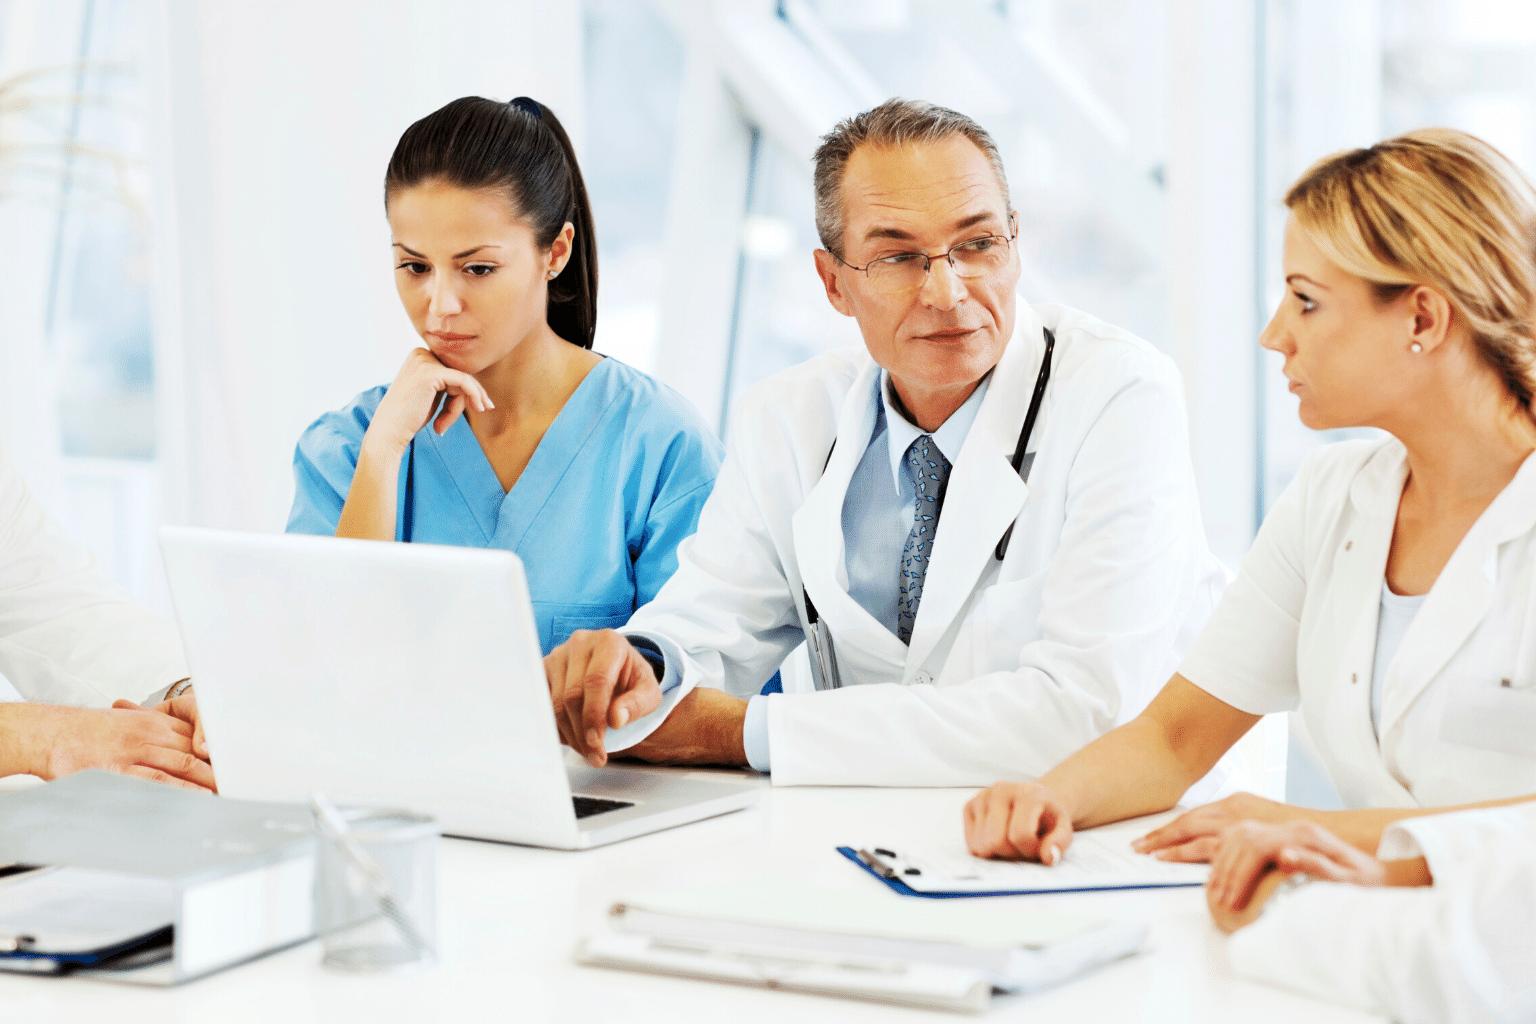 Clinicians discussing an ASP program